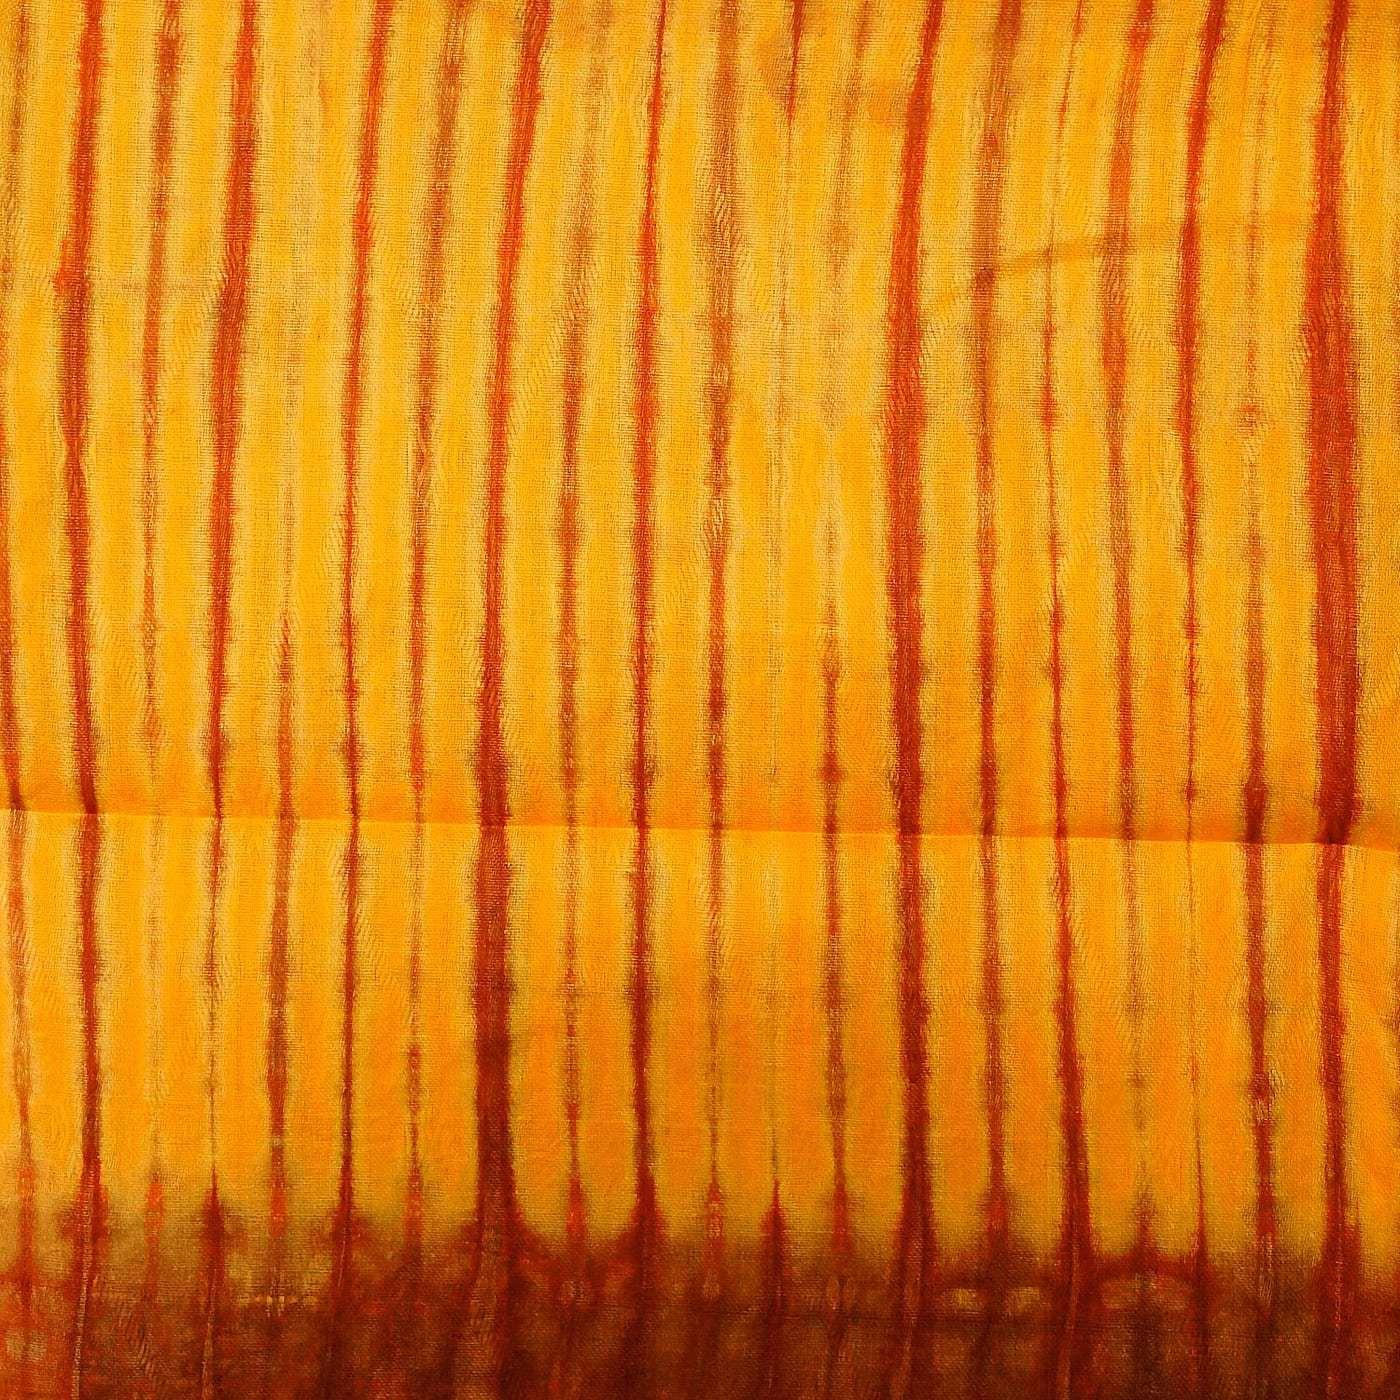 Tissu africain en bazin jaune soleil ocre et rouge - Couleur ocre rouge ...